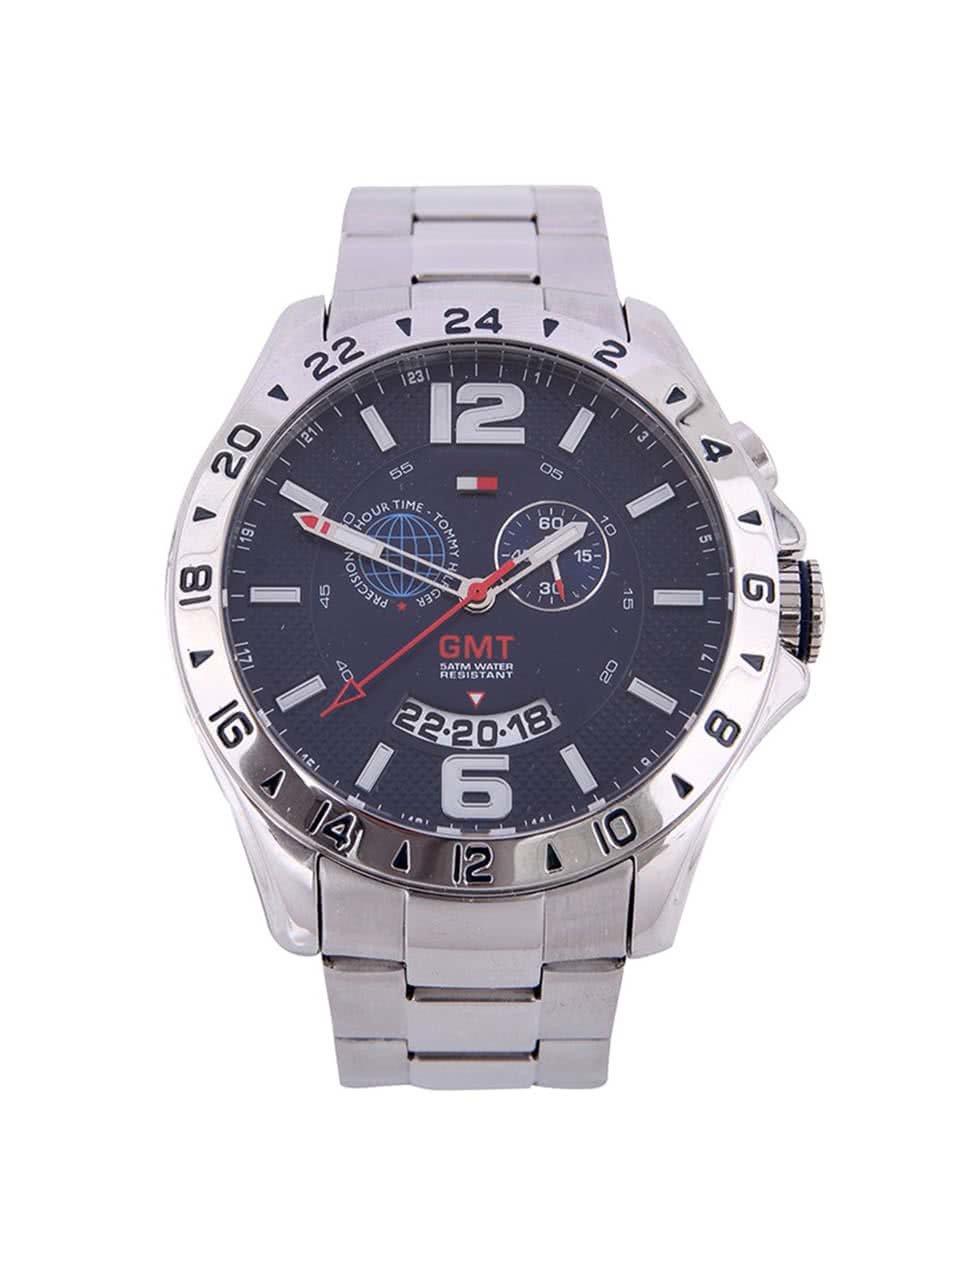 Strieborné pánske hodinky z nerezovej ocele s duálnym časom Tommy Hilfiger  ... 42599ab1bb0